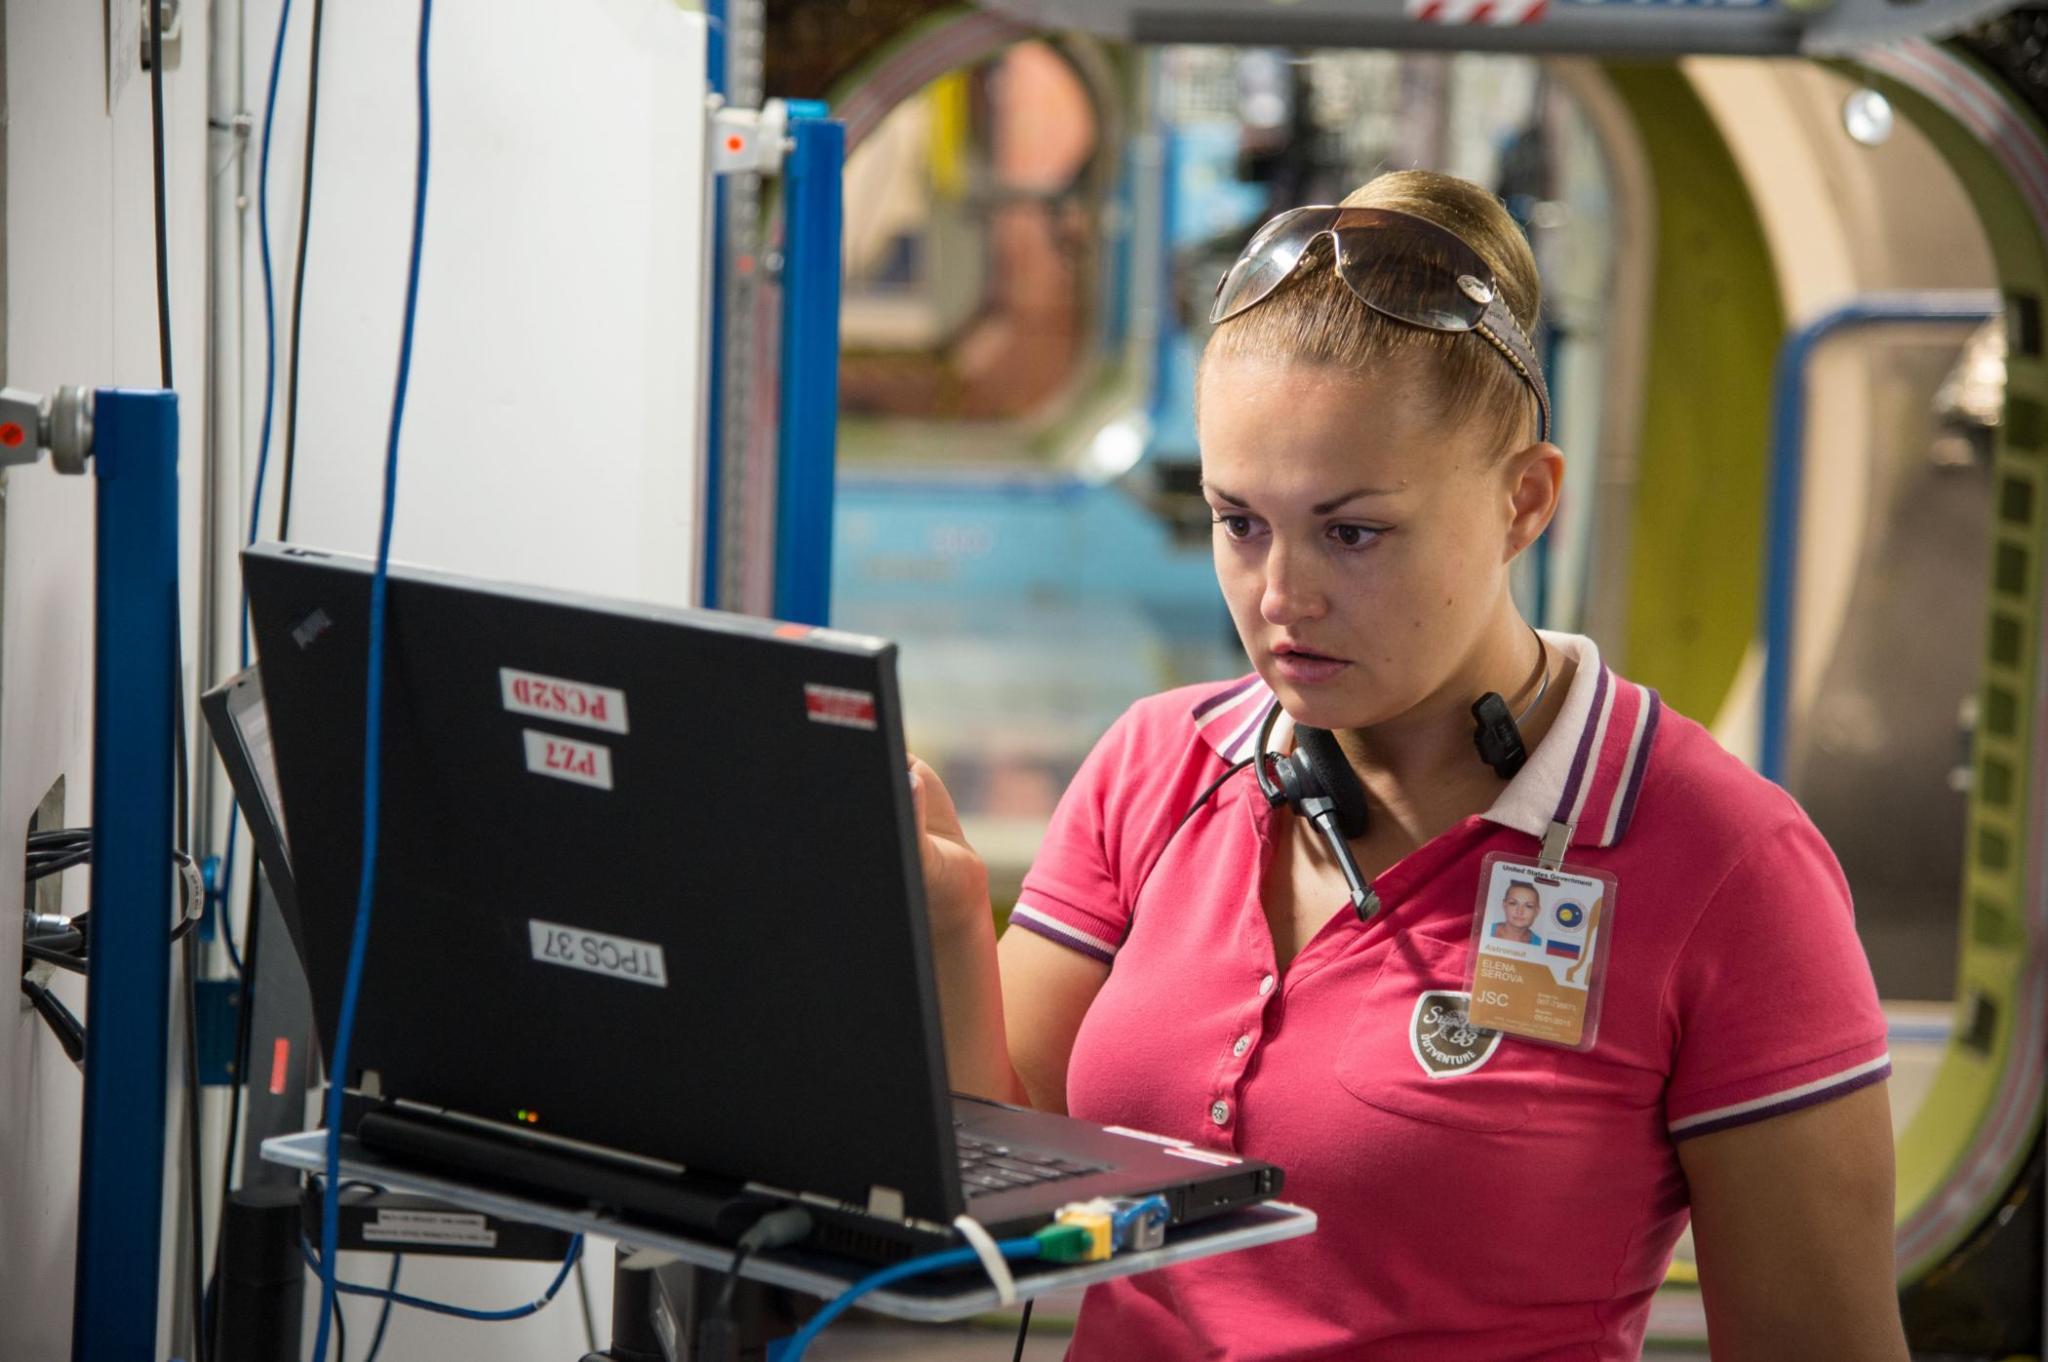 Ο Διαστημικός Σταθμός θα υποδεχτεί την 1η Ρωσίδα μέλος του αυτό το μήνα